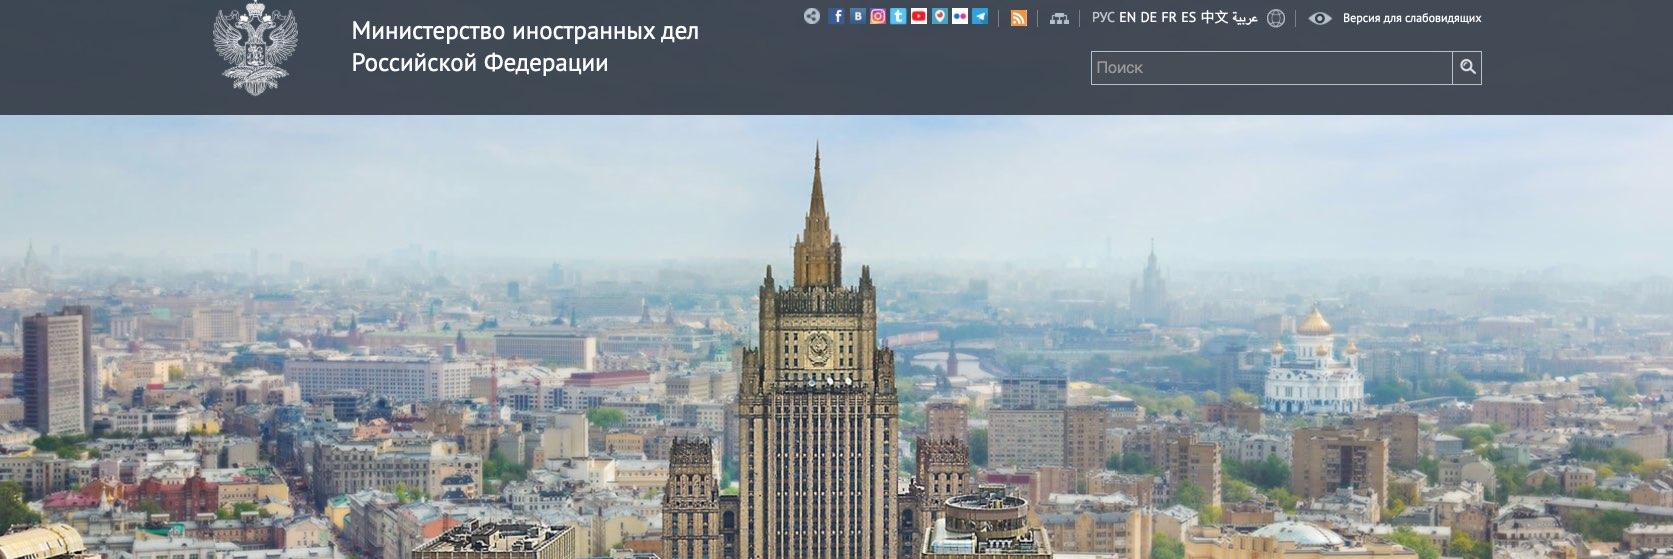 Lijst van Russische ambassades en consulaten en visumcentra